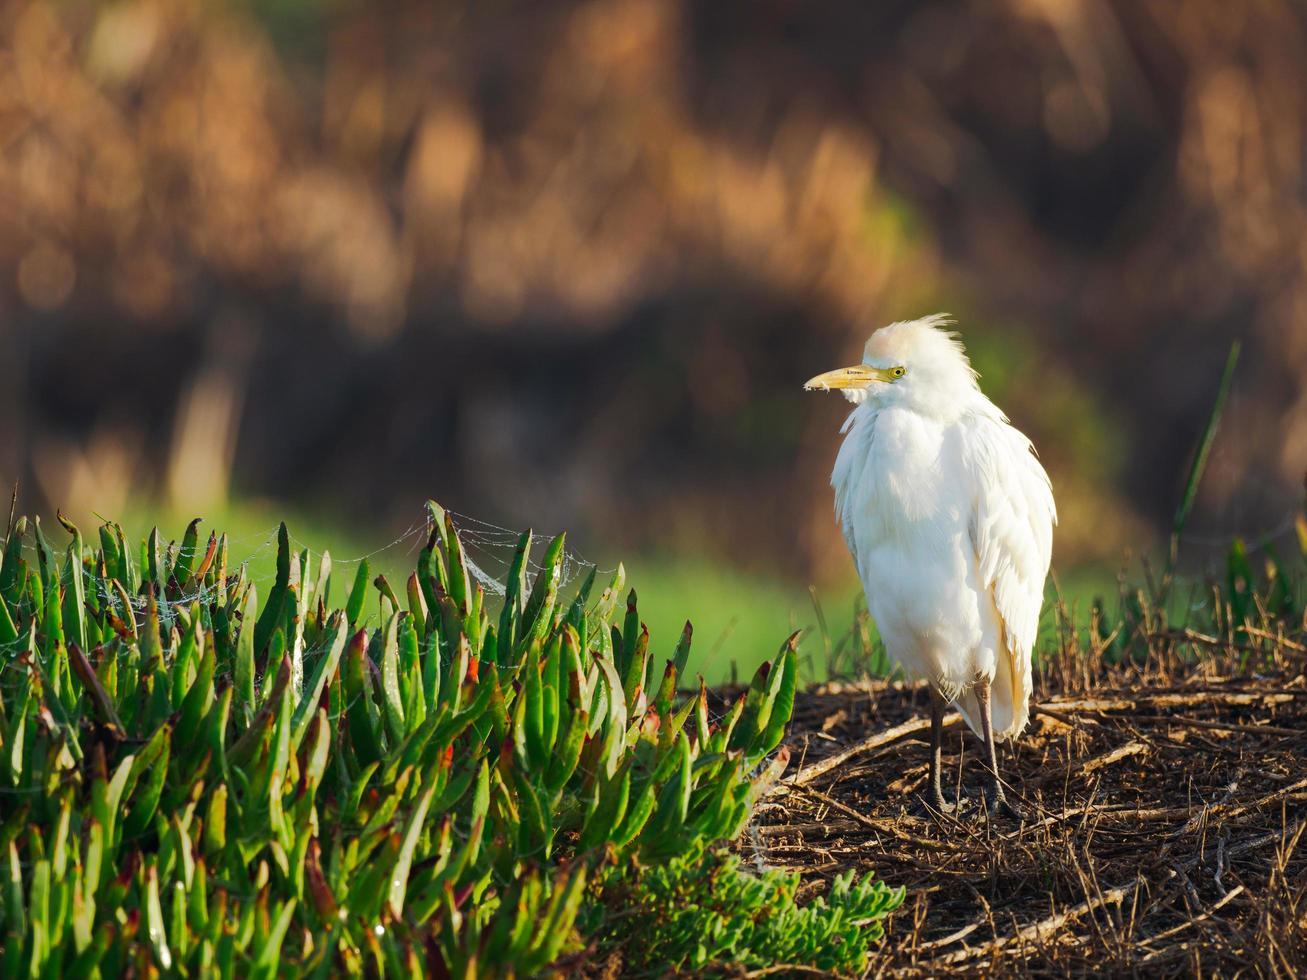 witte vogel in het gras foto